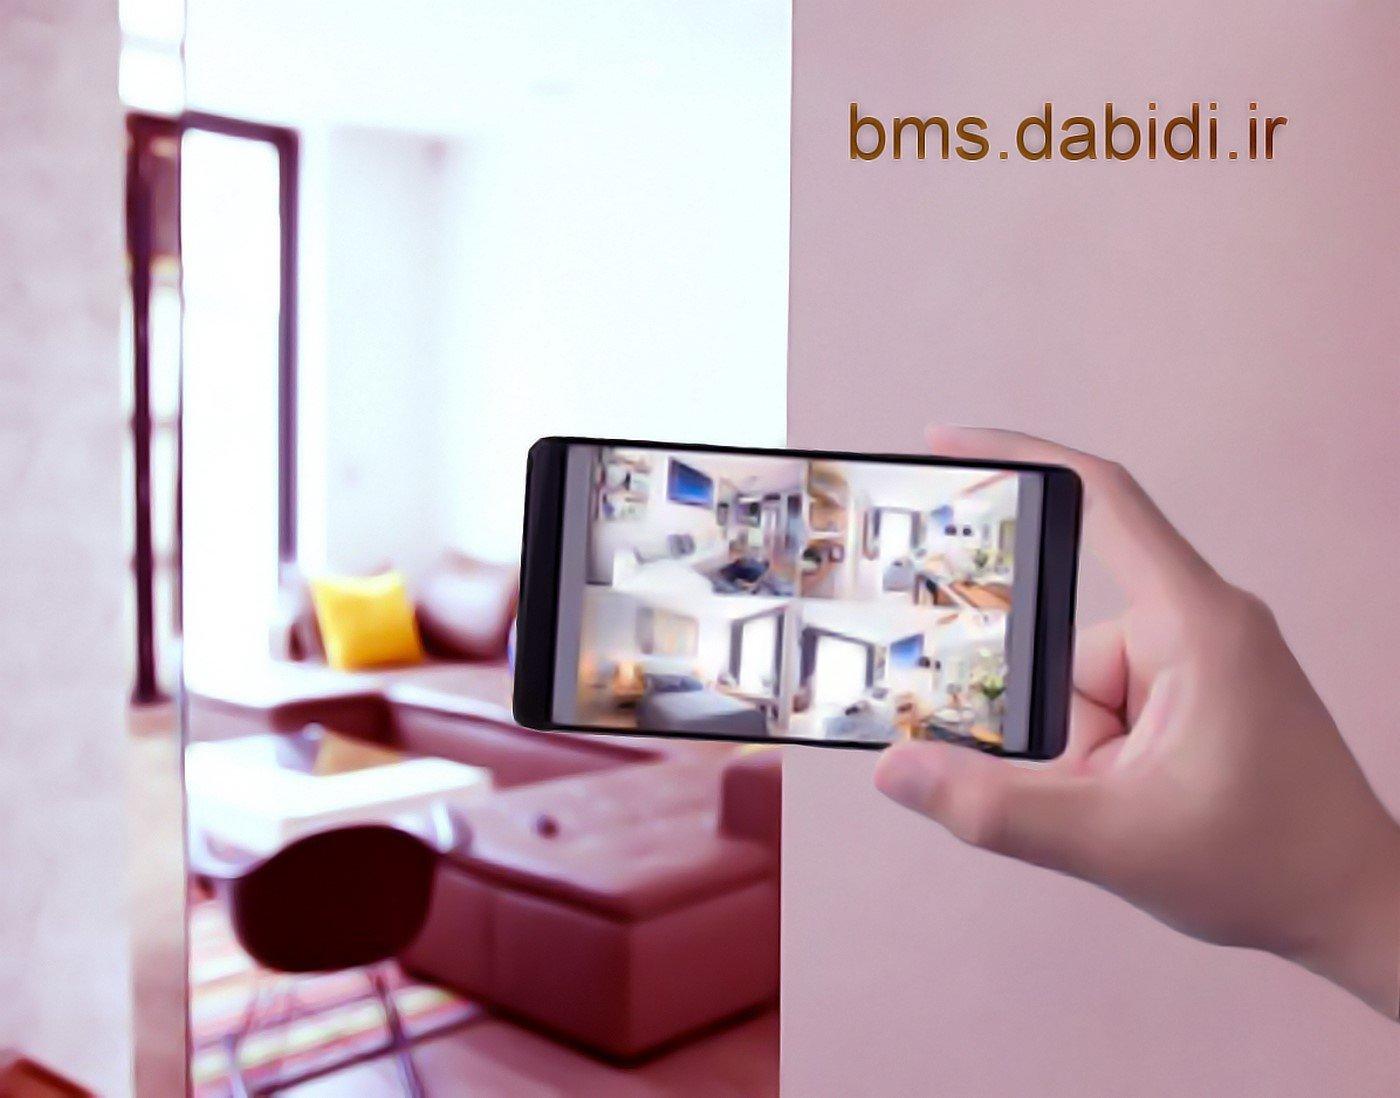 خانه هوشمند سطح امنیت و ایمنی را بسیار بالا می برد.